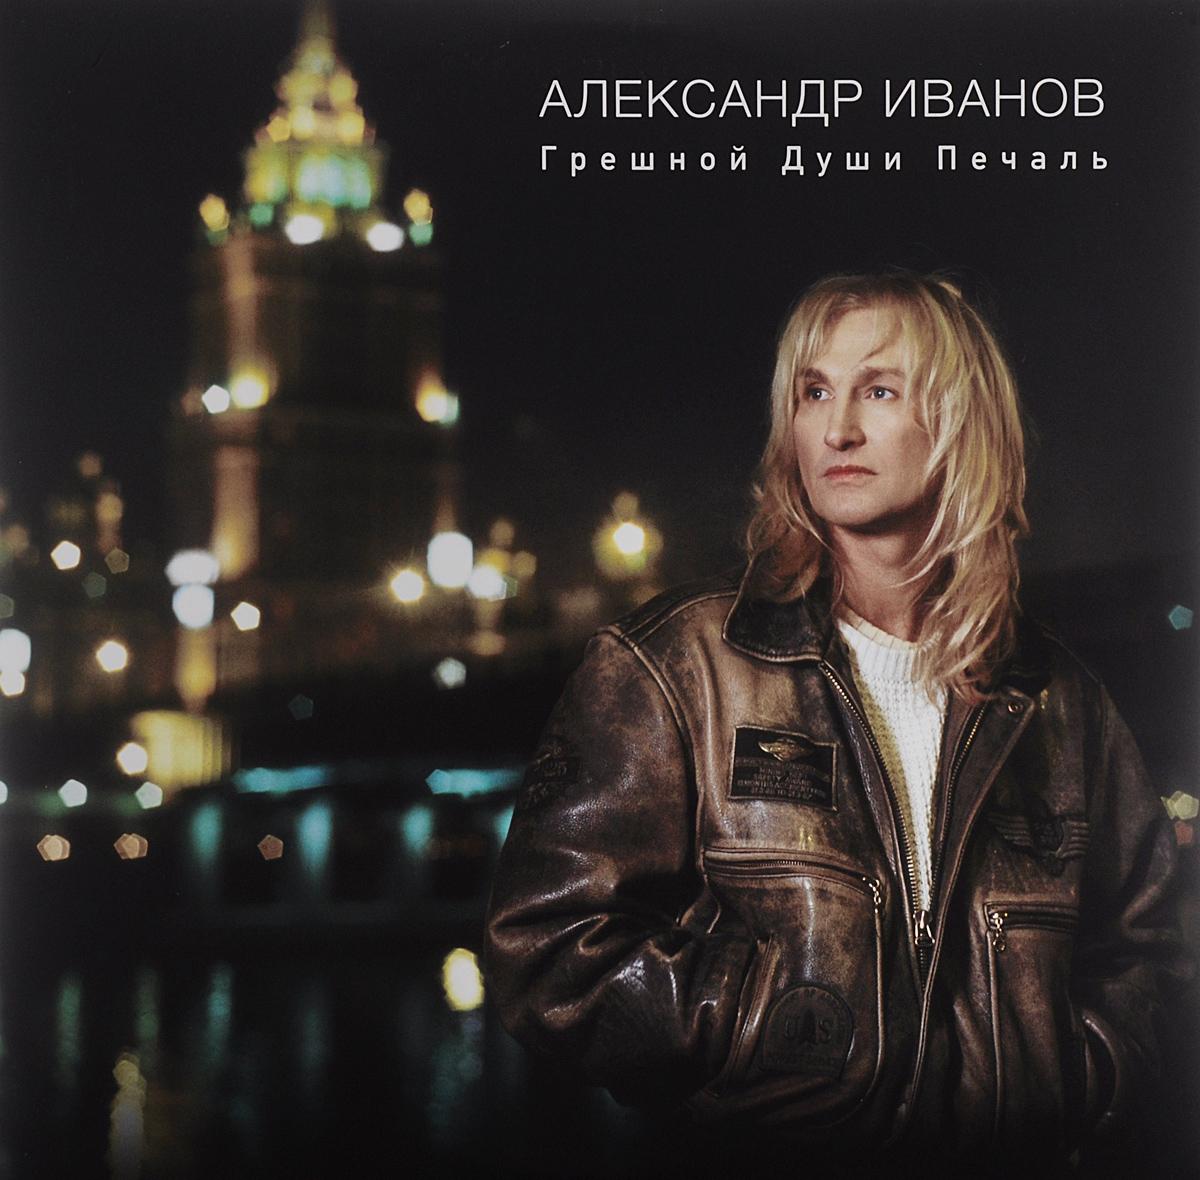 Фото александры ивановской 12 фотография